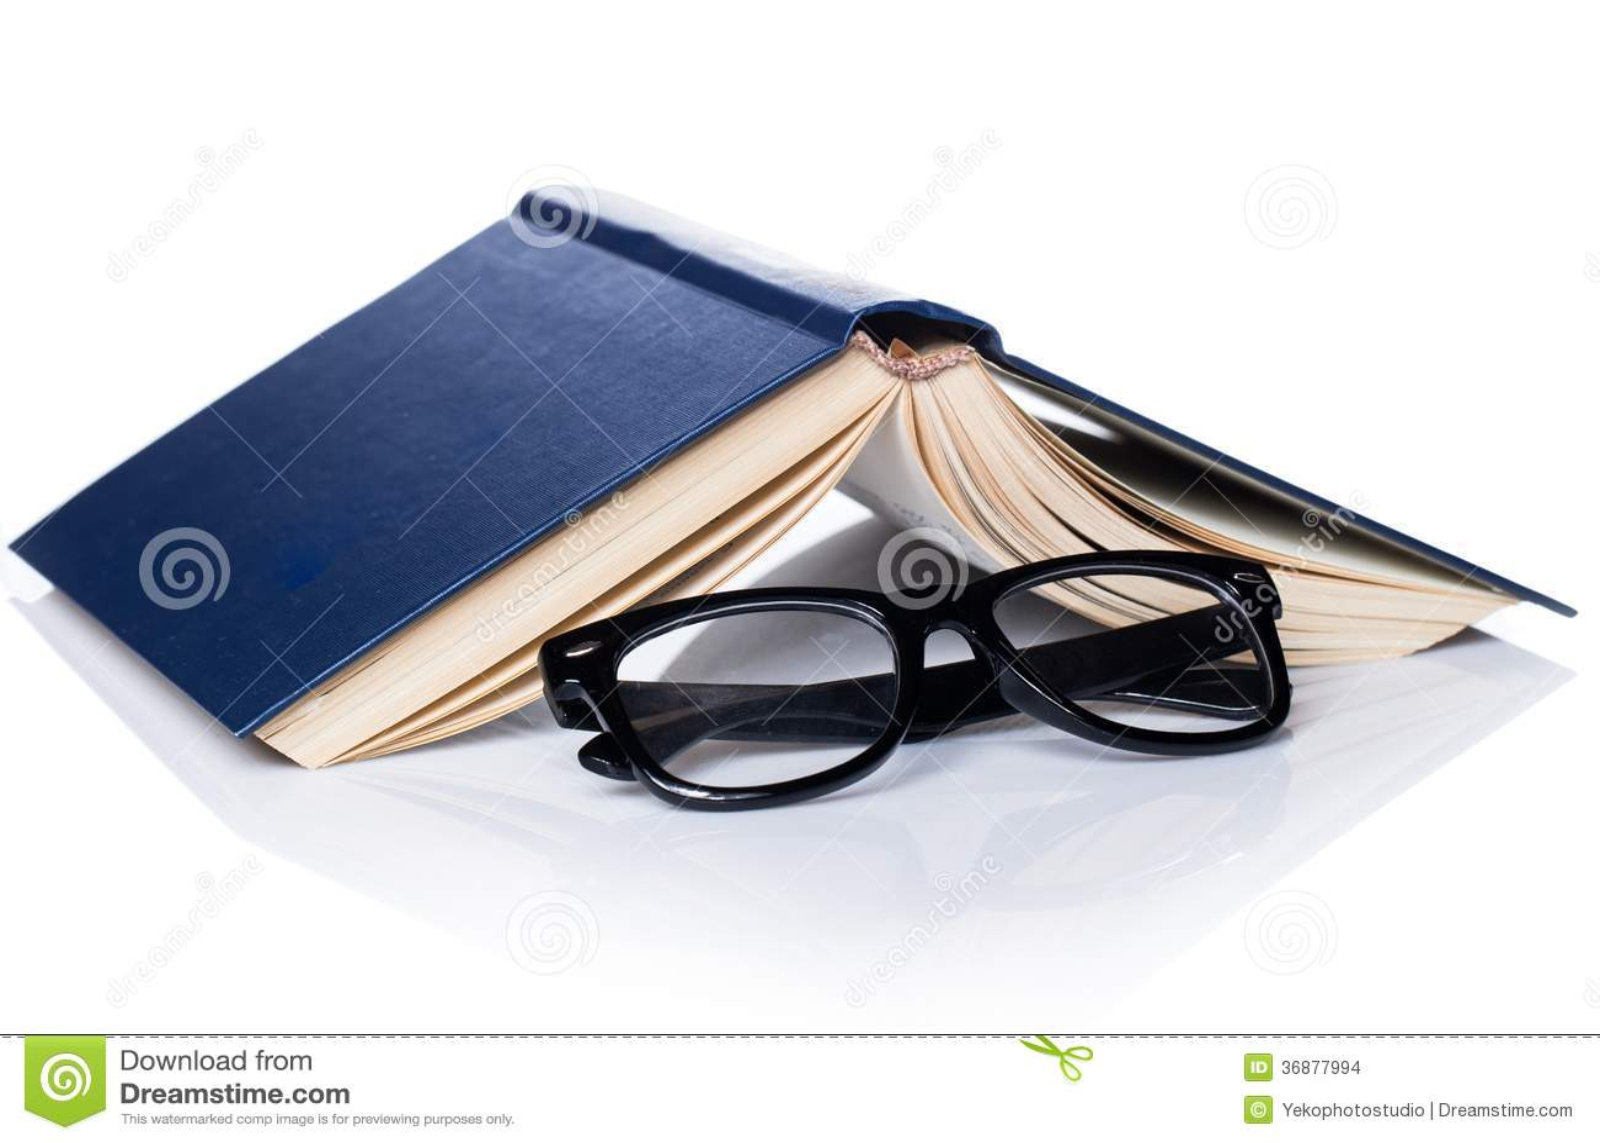 Download Istruzione, Scienza. Vecchio Libro Su Fondo Bianco Fotografia Stock - Immagine di libreria, bibbia: 36877994